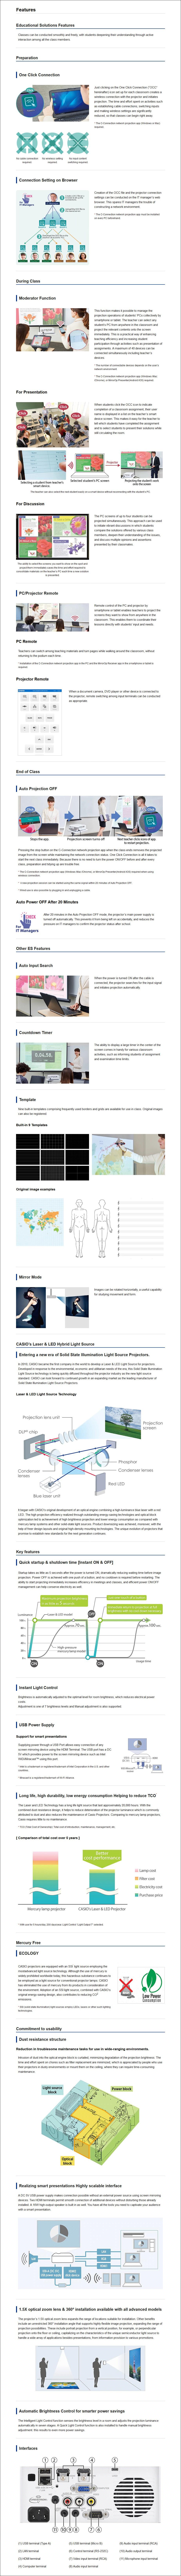 Casio XJ-F211WN Advanced WXGA DLP Projector - Overview 1